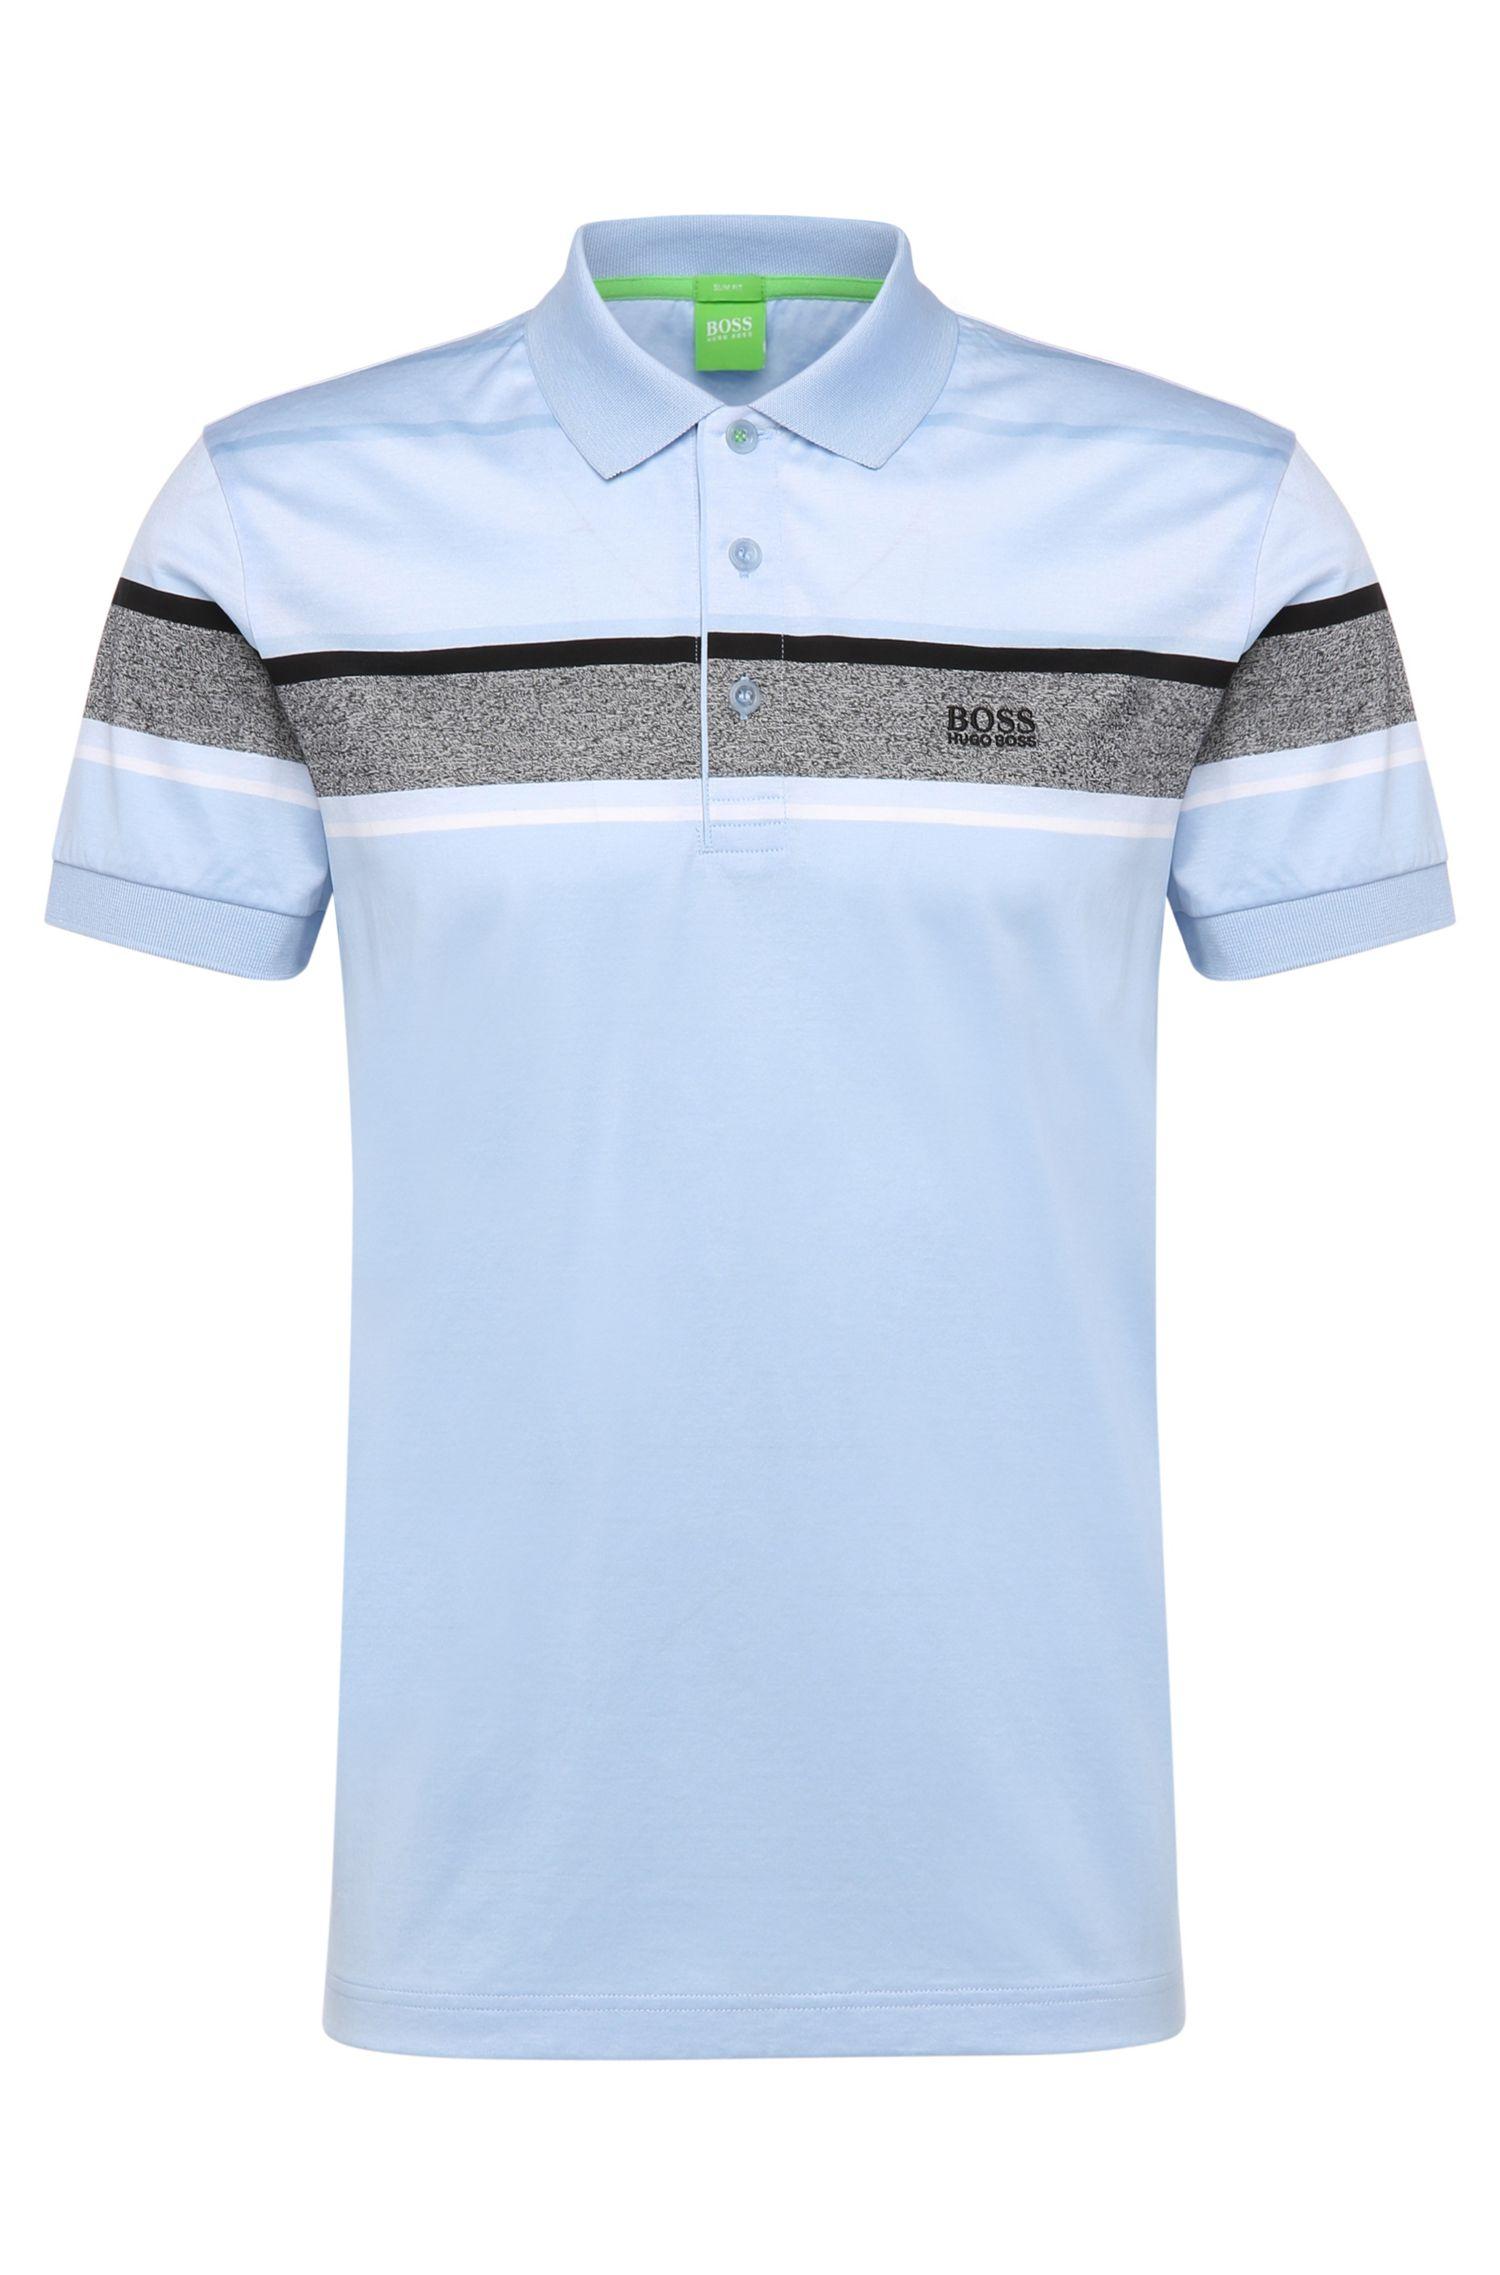 'Paule'   Slim Fit, Mercerized Cotton Polo Shirt